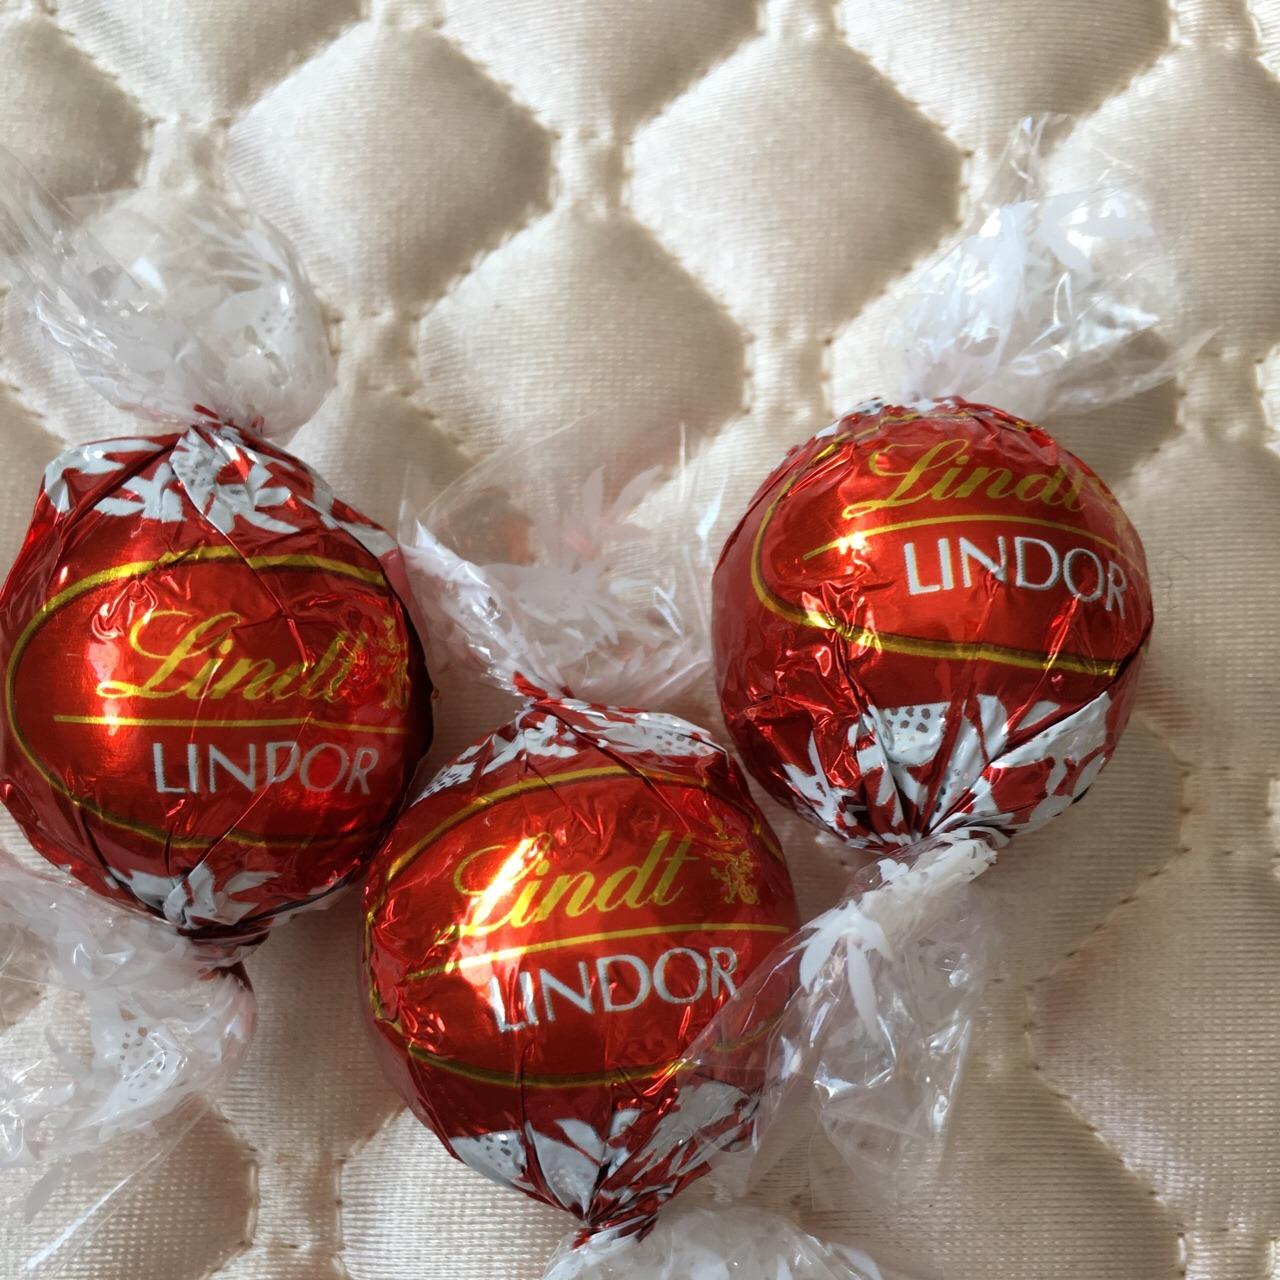 lindor巧克力 嘴巴停不下来